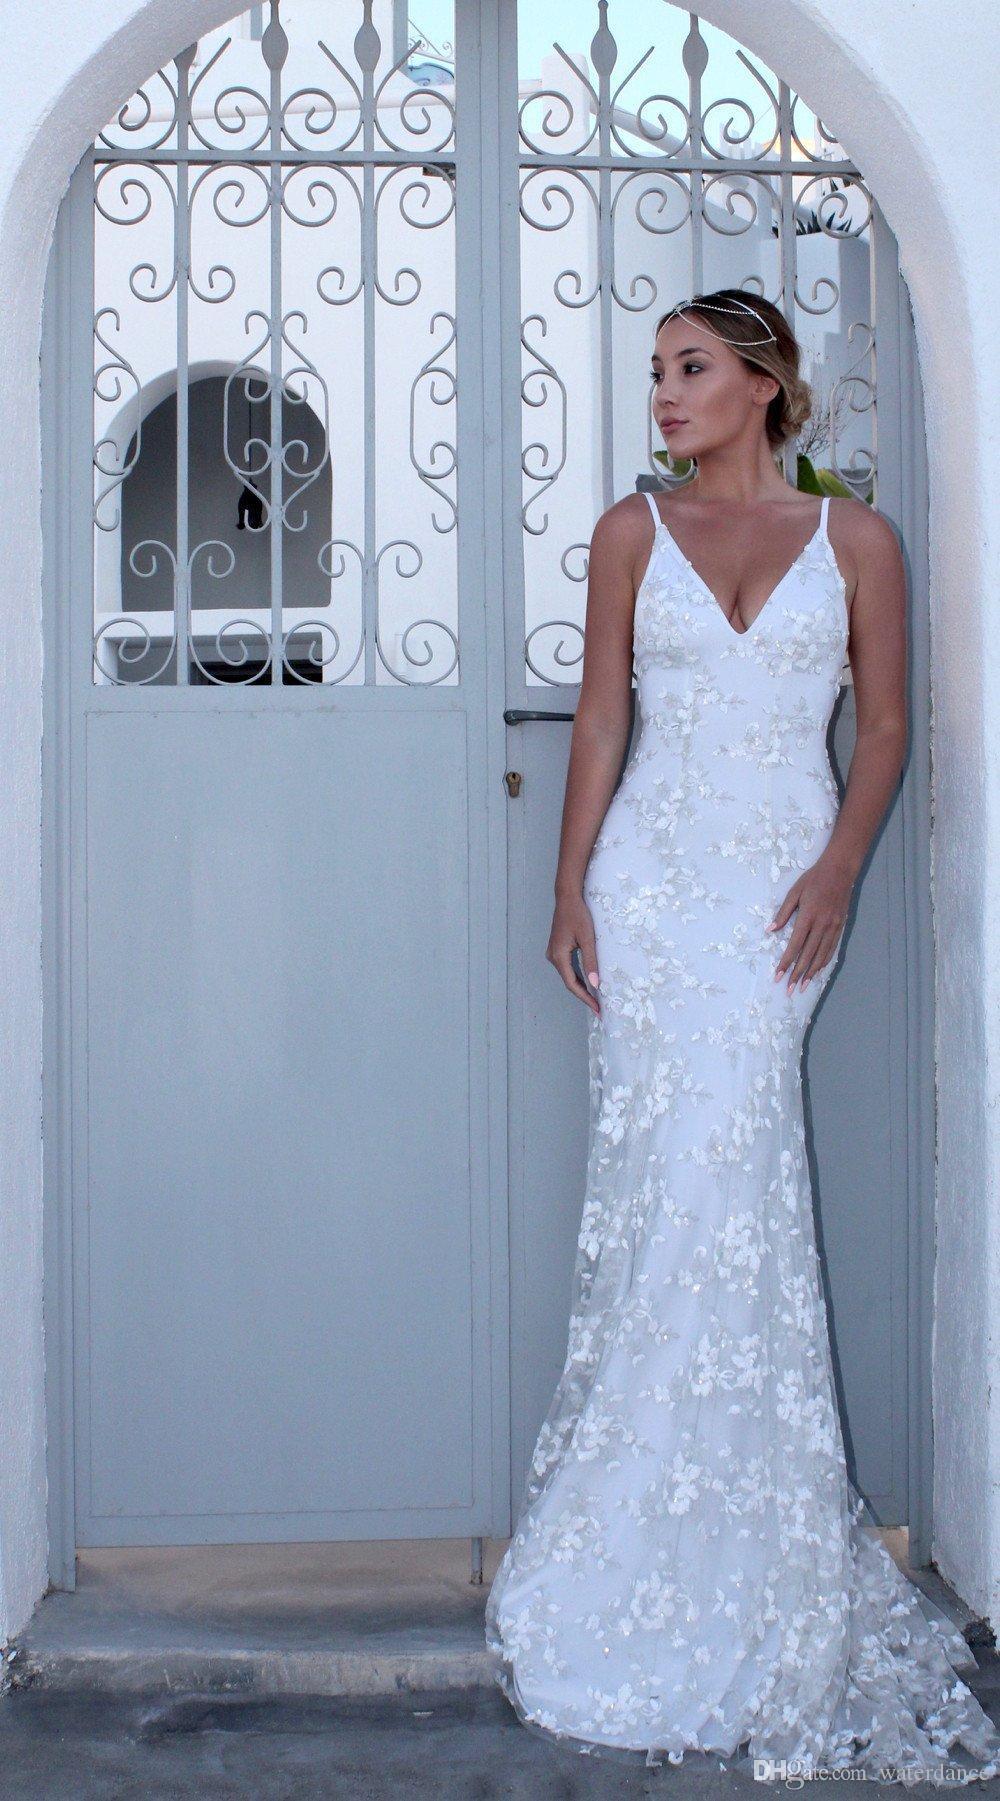 Nuevo vestido con cuello en V Sexy falda larga vestidos con tirantes vestido de mujer Bordado gasa vestido trapeado #uxury Diseñador fiesta escenario pasarela boda boda